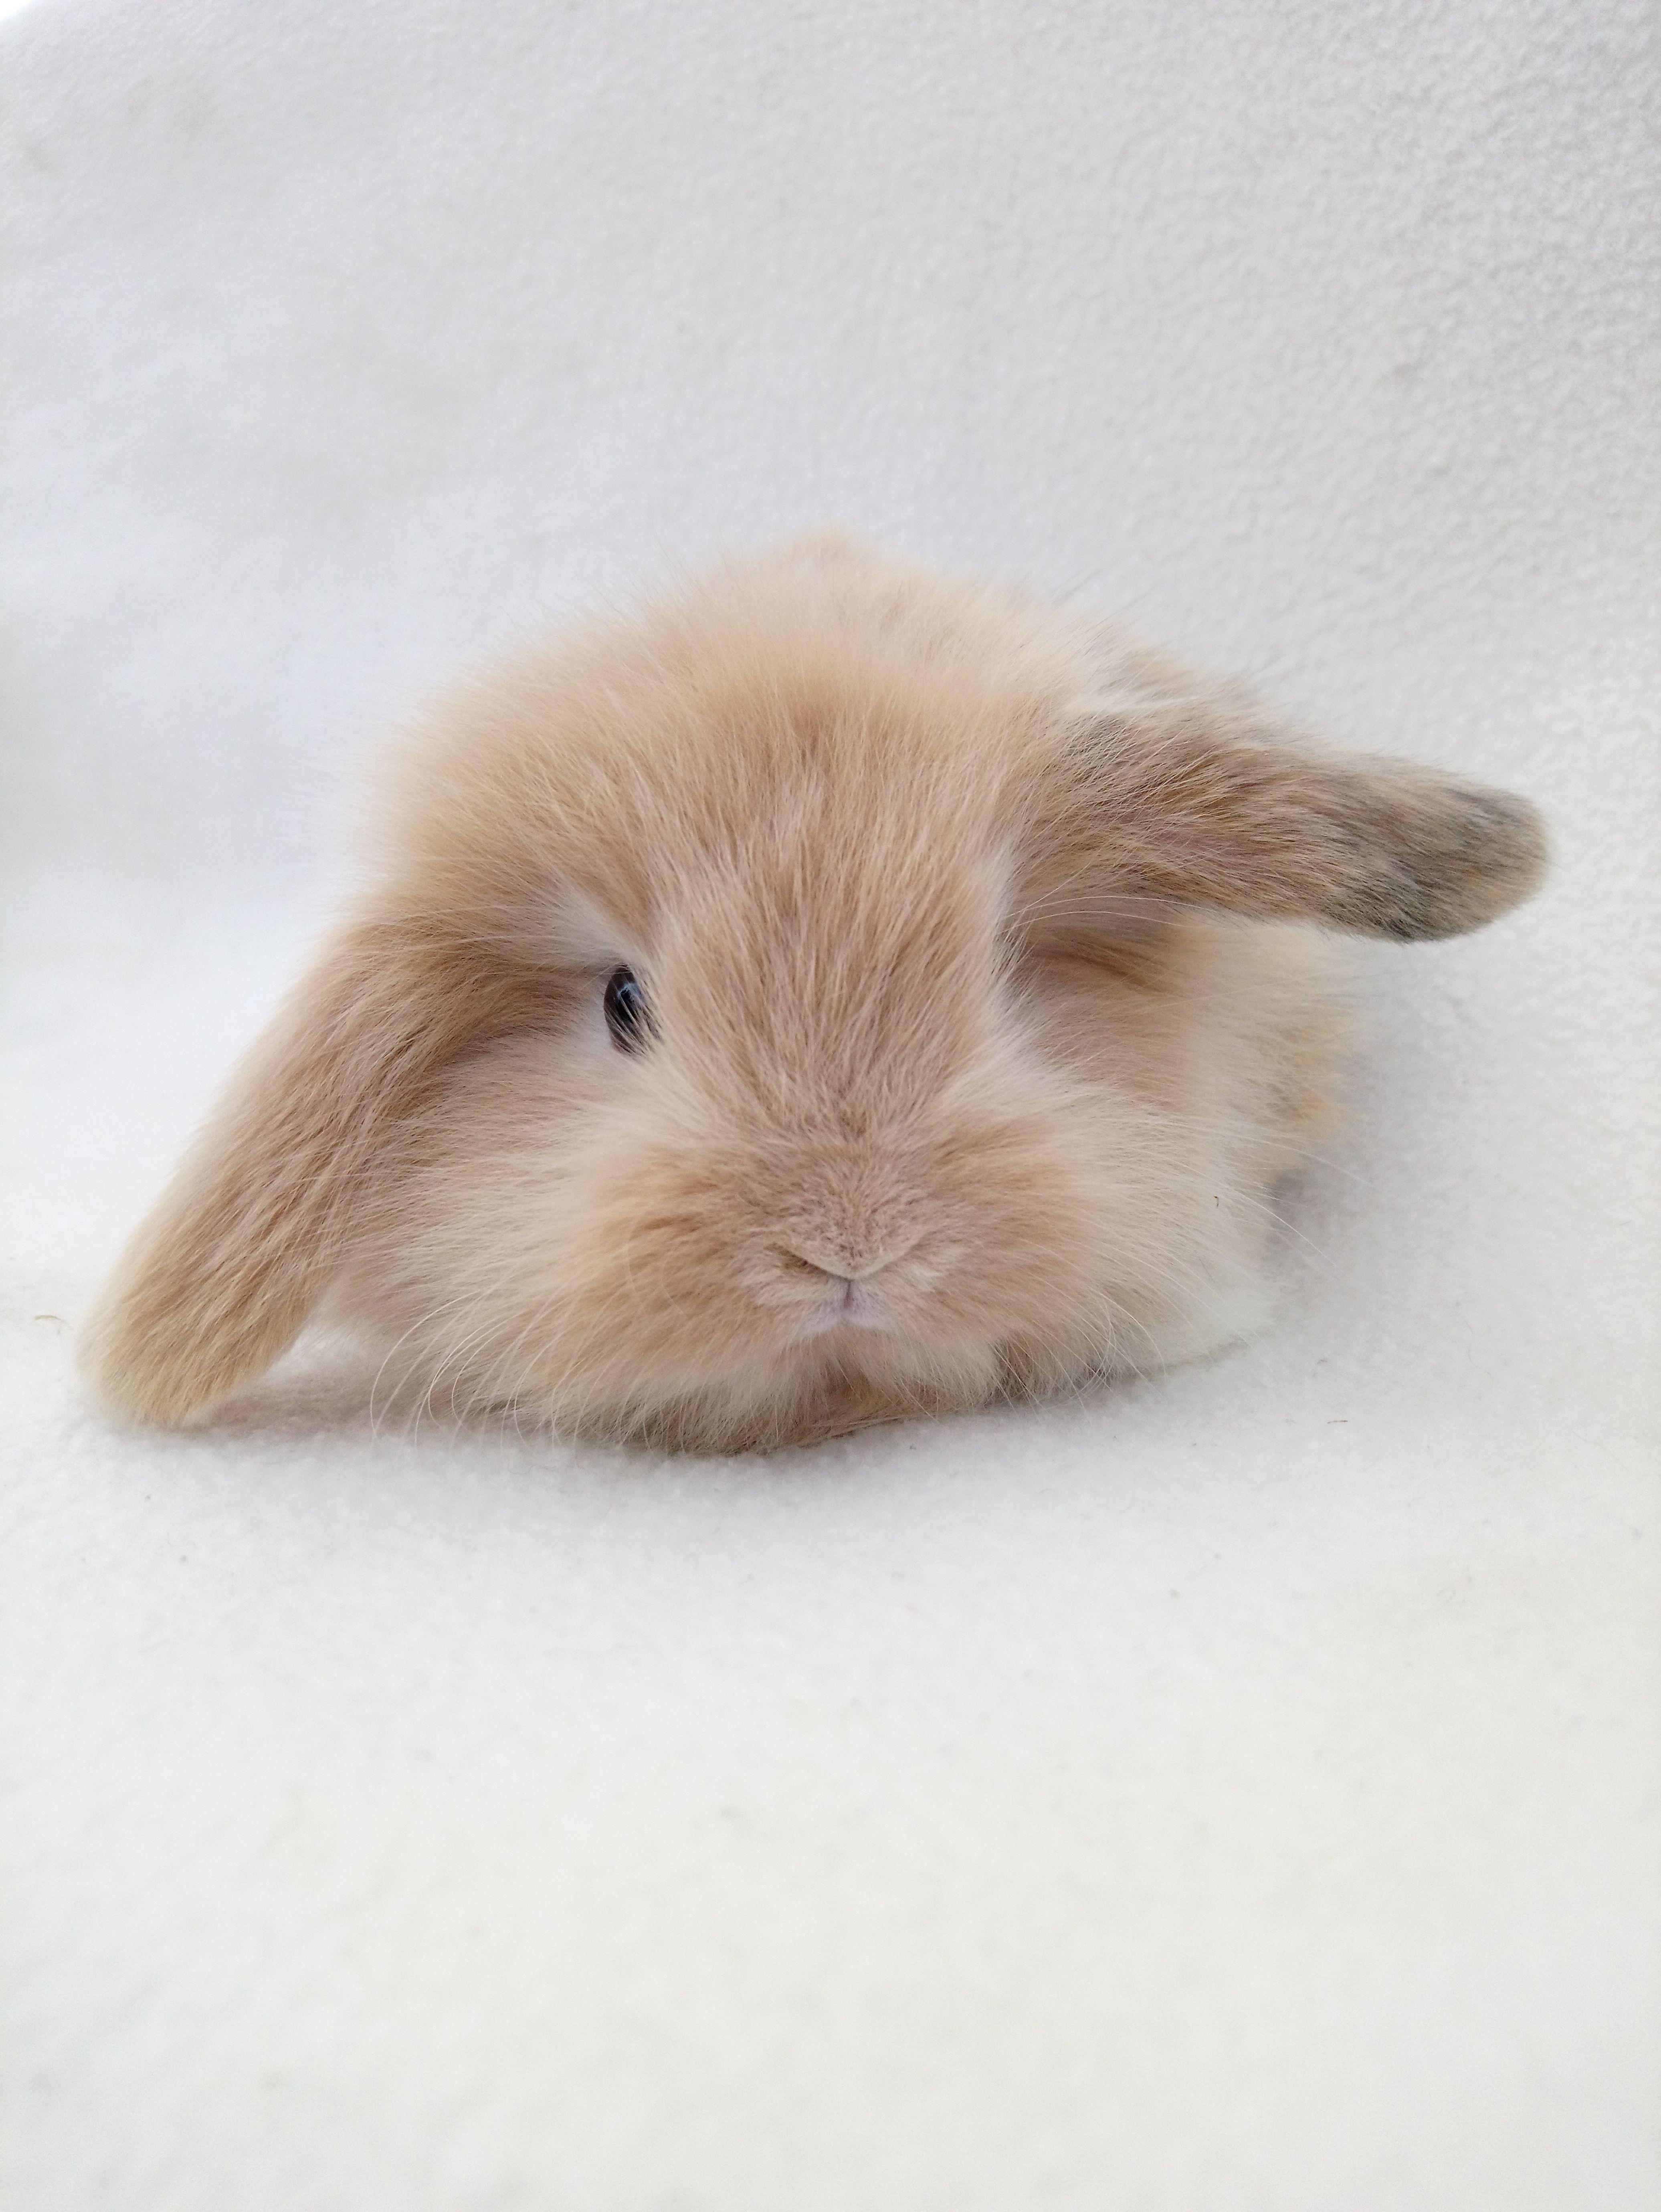 Bébé lapin nain de chez Boules de Poils et Cie